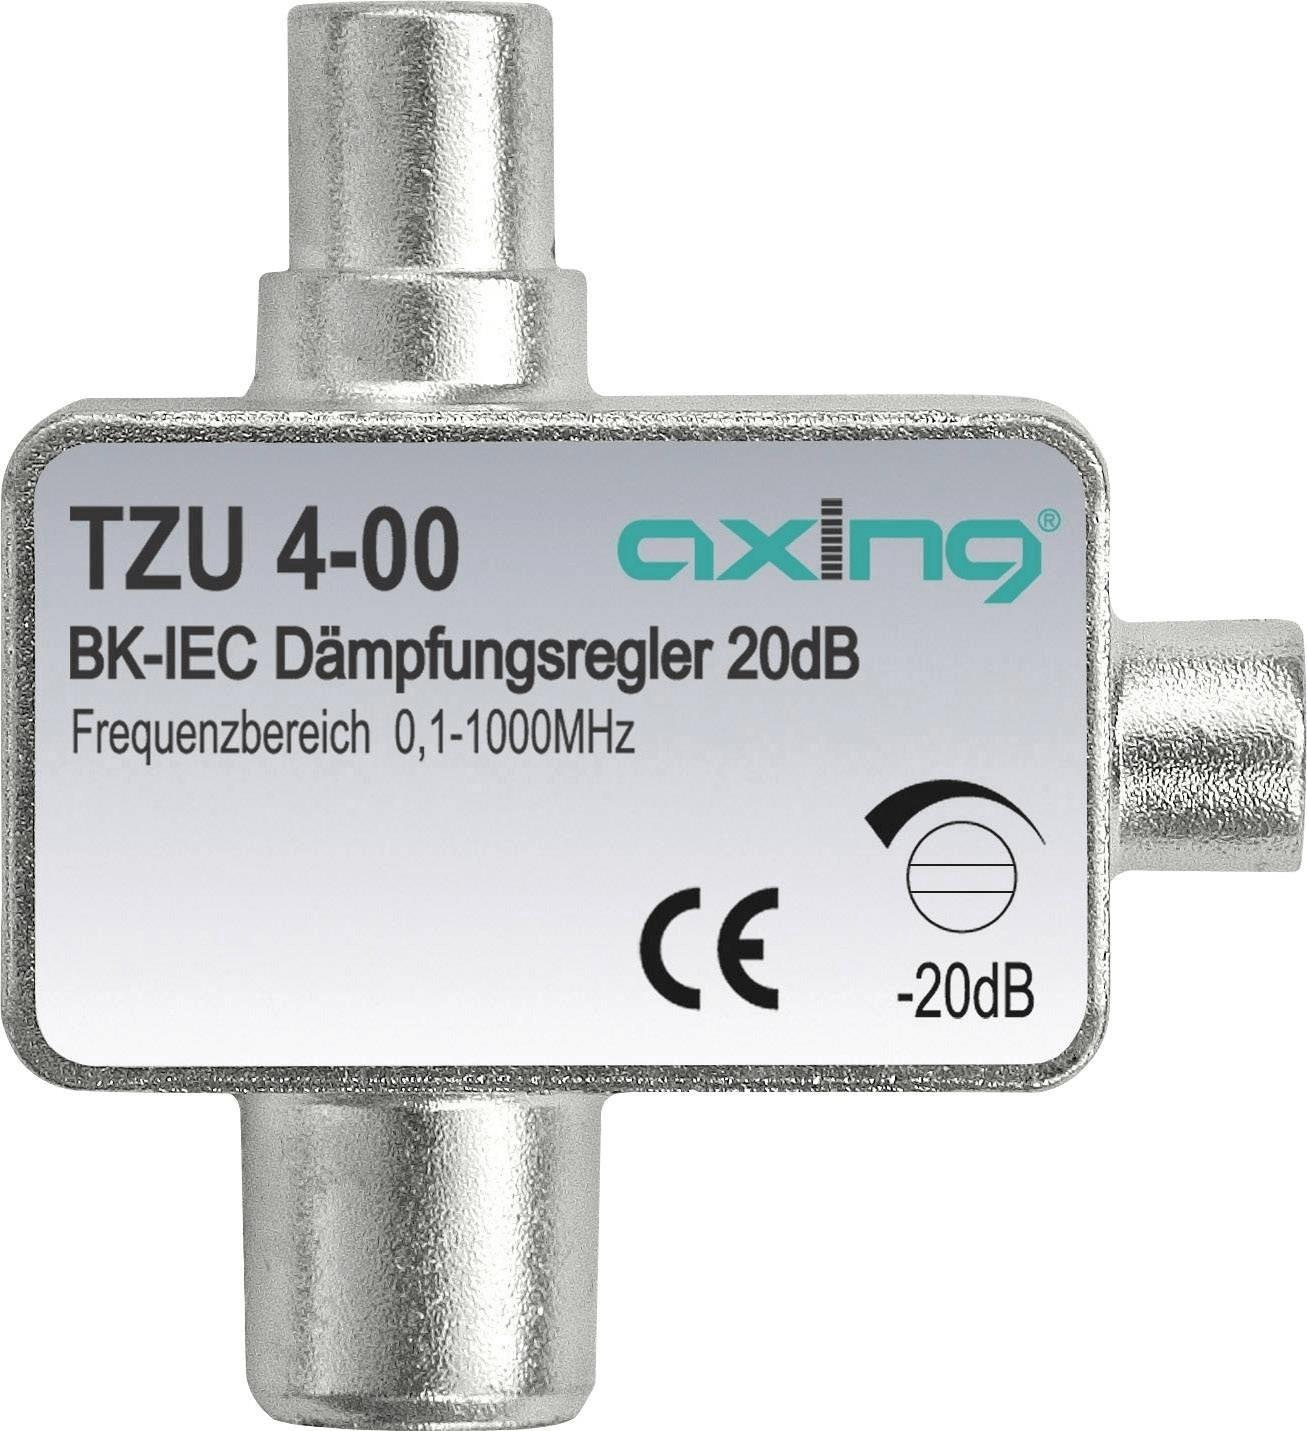 Image of Axing TZU 4-00